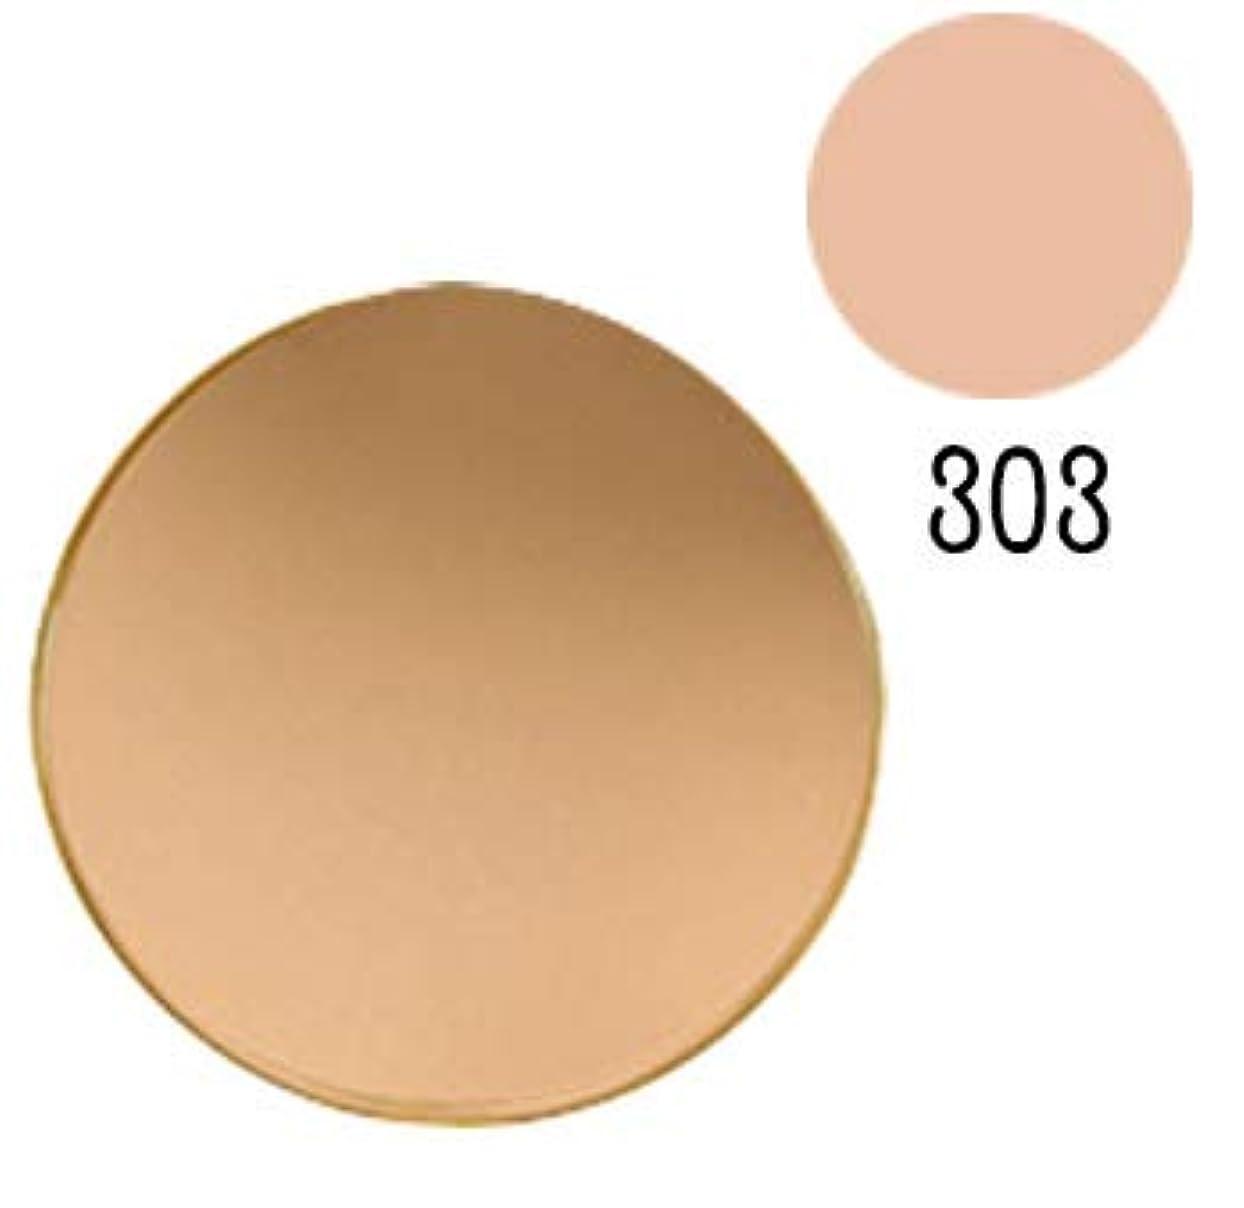 回転些細常習的コスメデコルテ エタニア シュール ファンデーション<303> レフィル SPF15/PA++